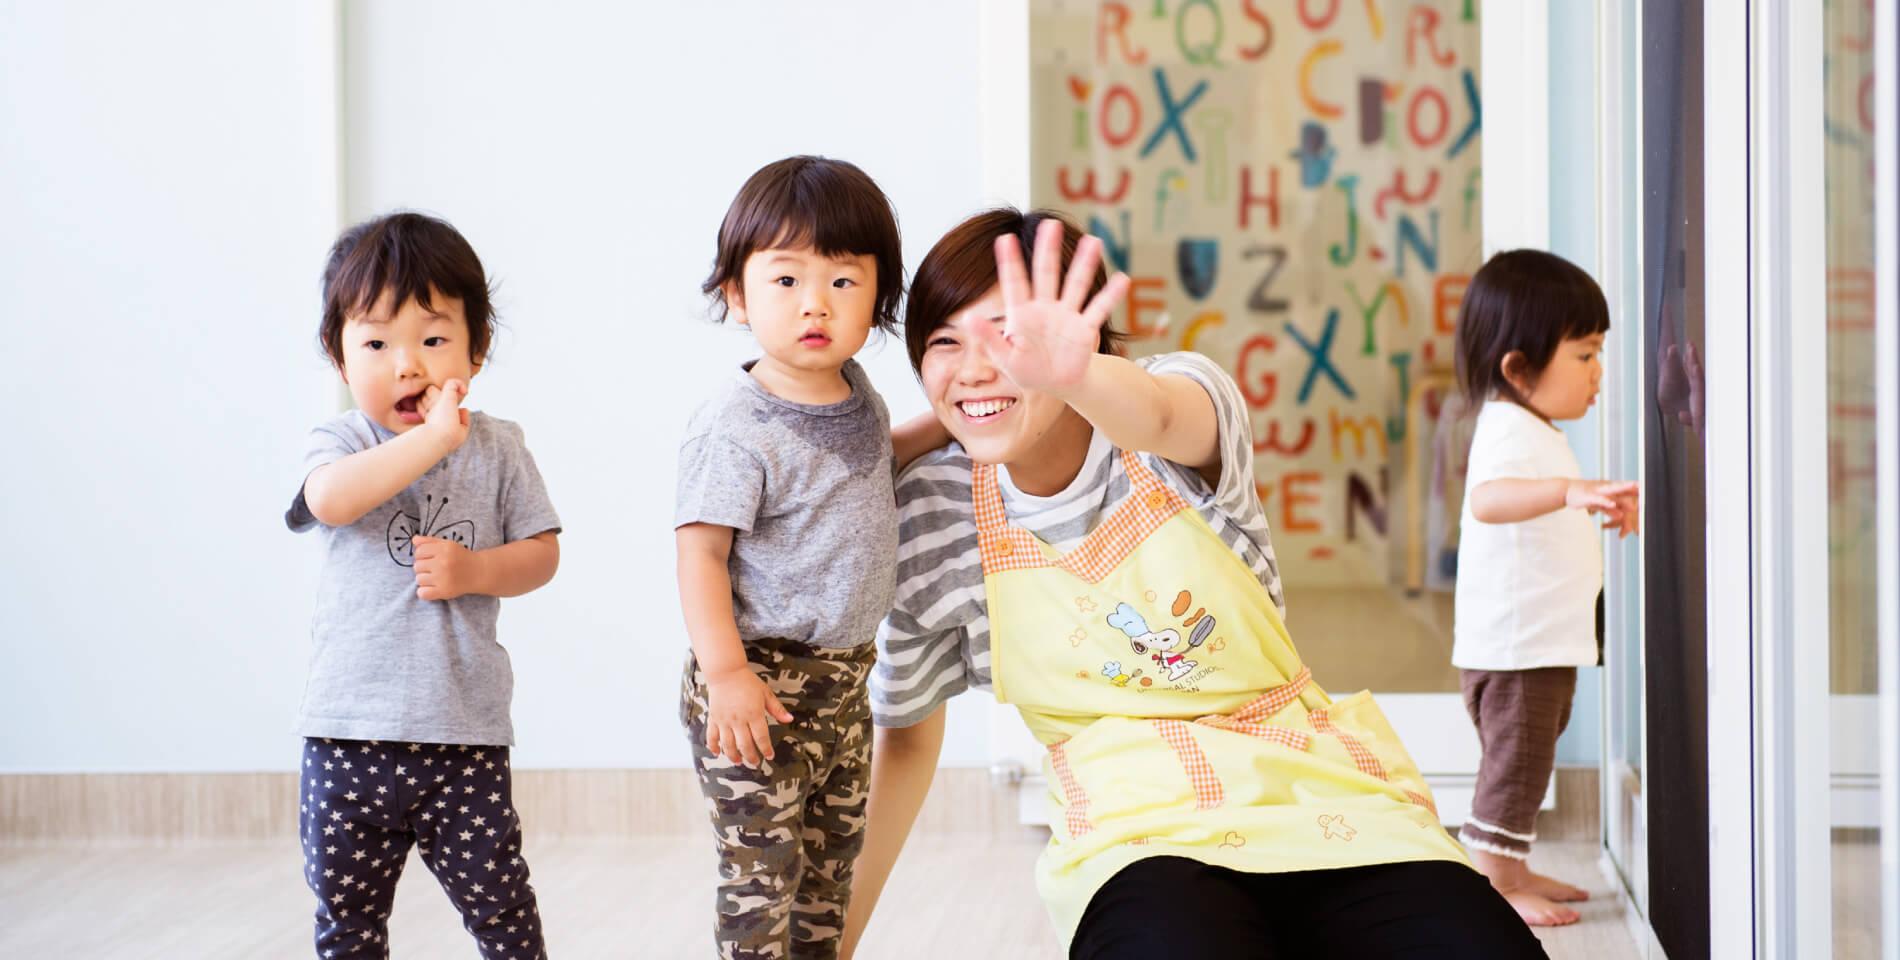 子育てママの働くオフィス【ピーカブー】